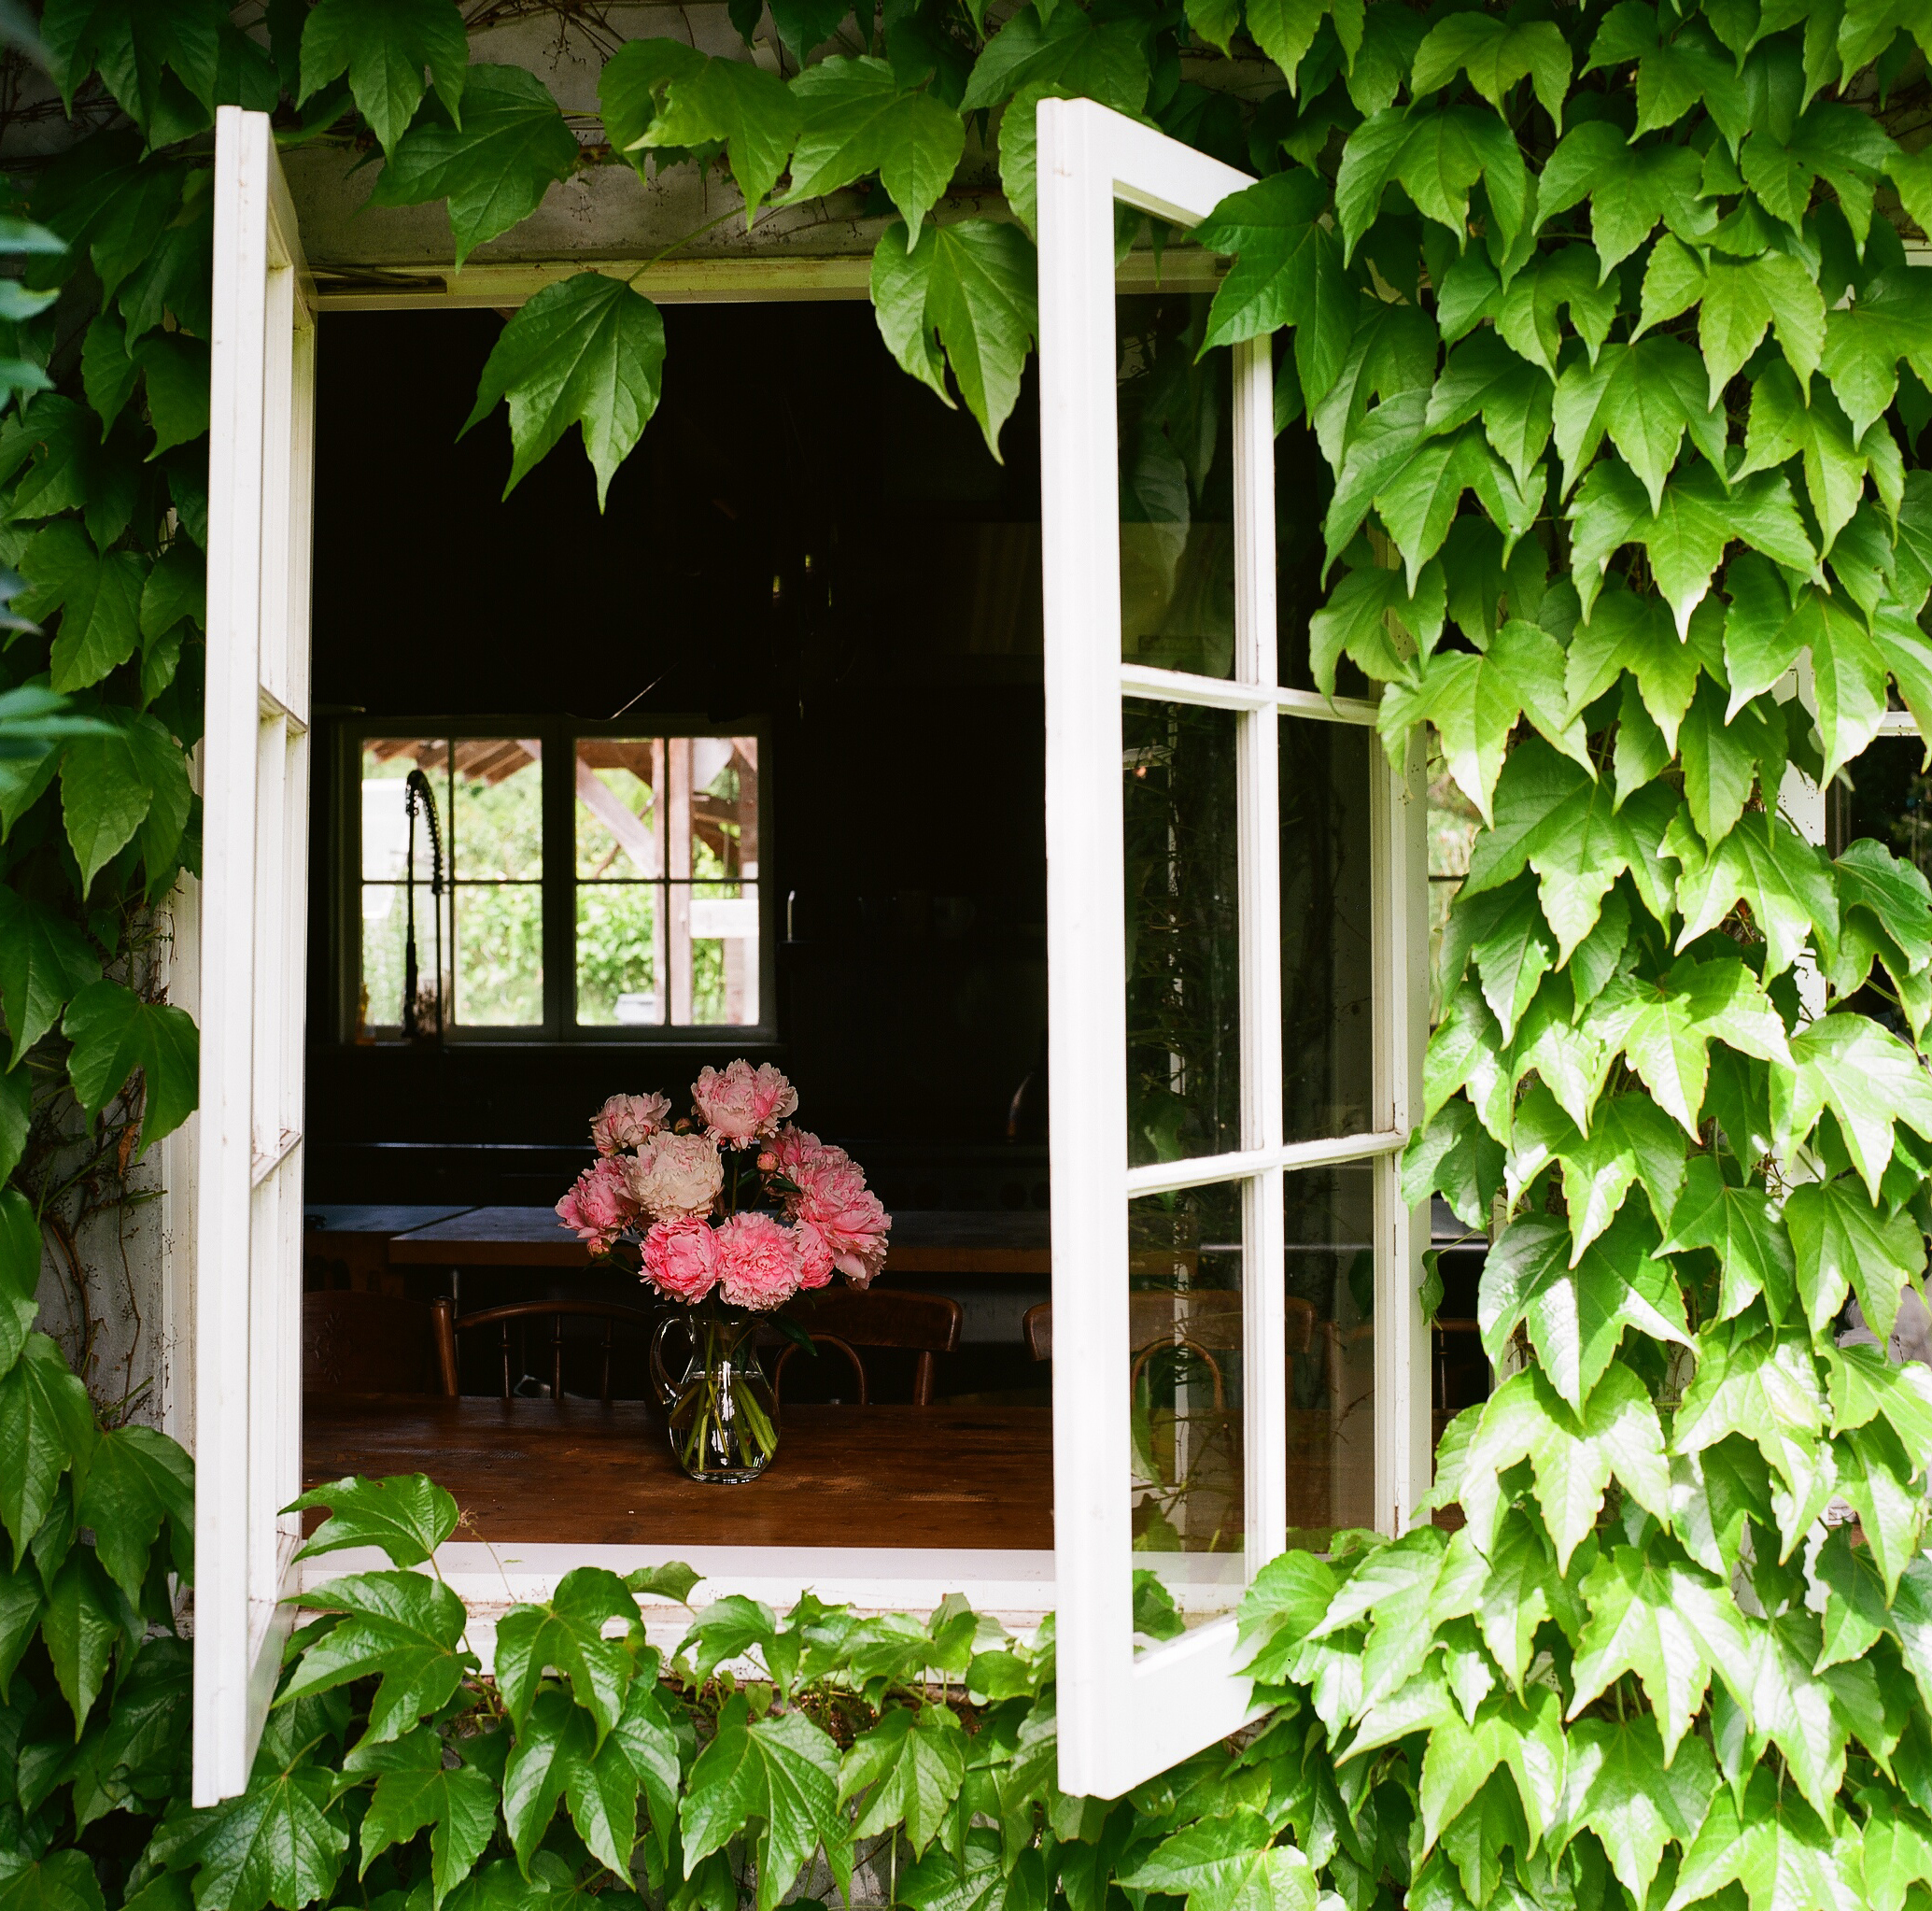 August 4 - Creating a Garden Inspired Floral Arrangement with Nisha Klein summer2019-07